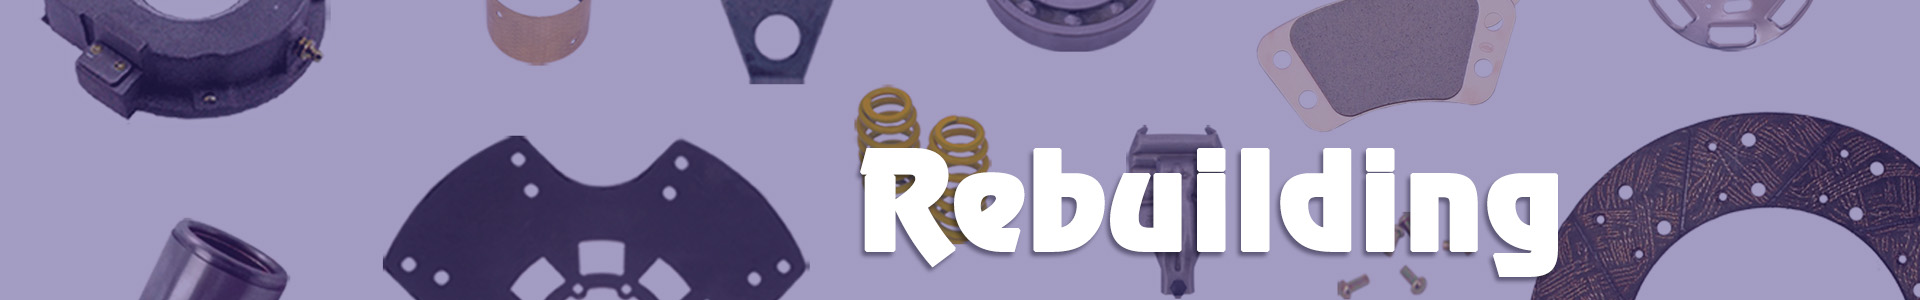 Productos_Rebuilding_